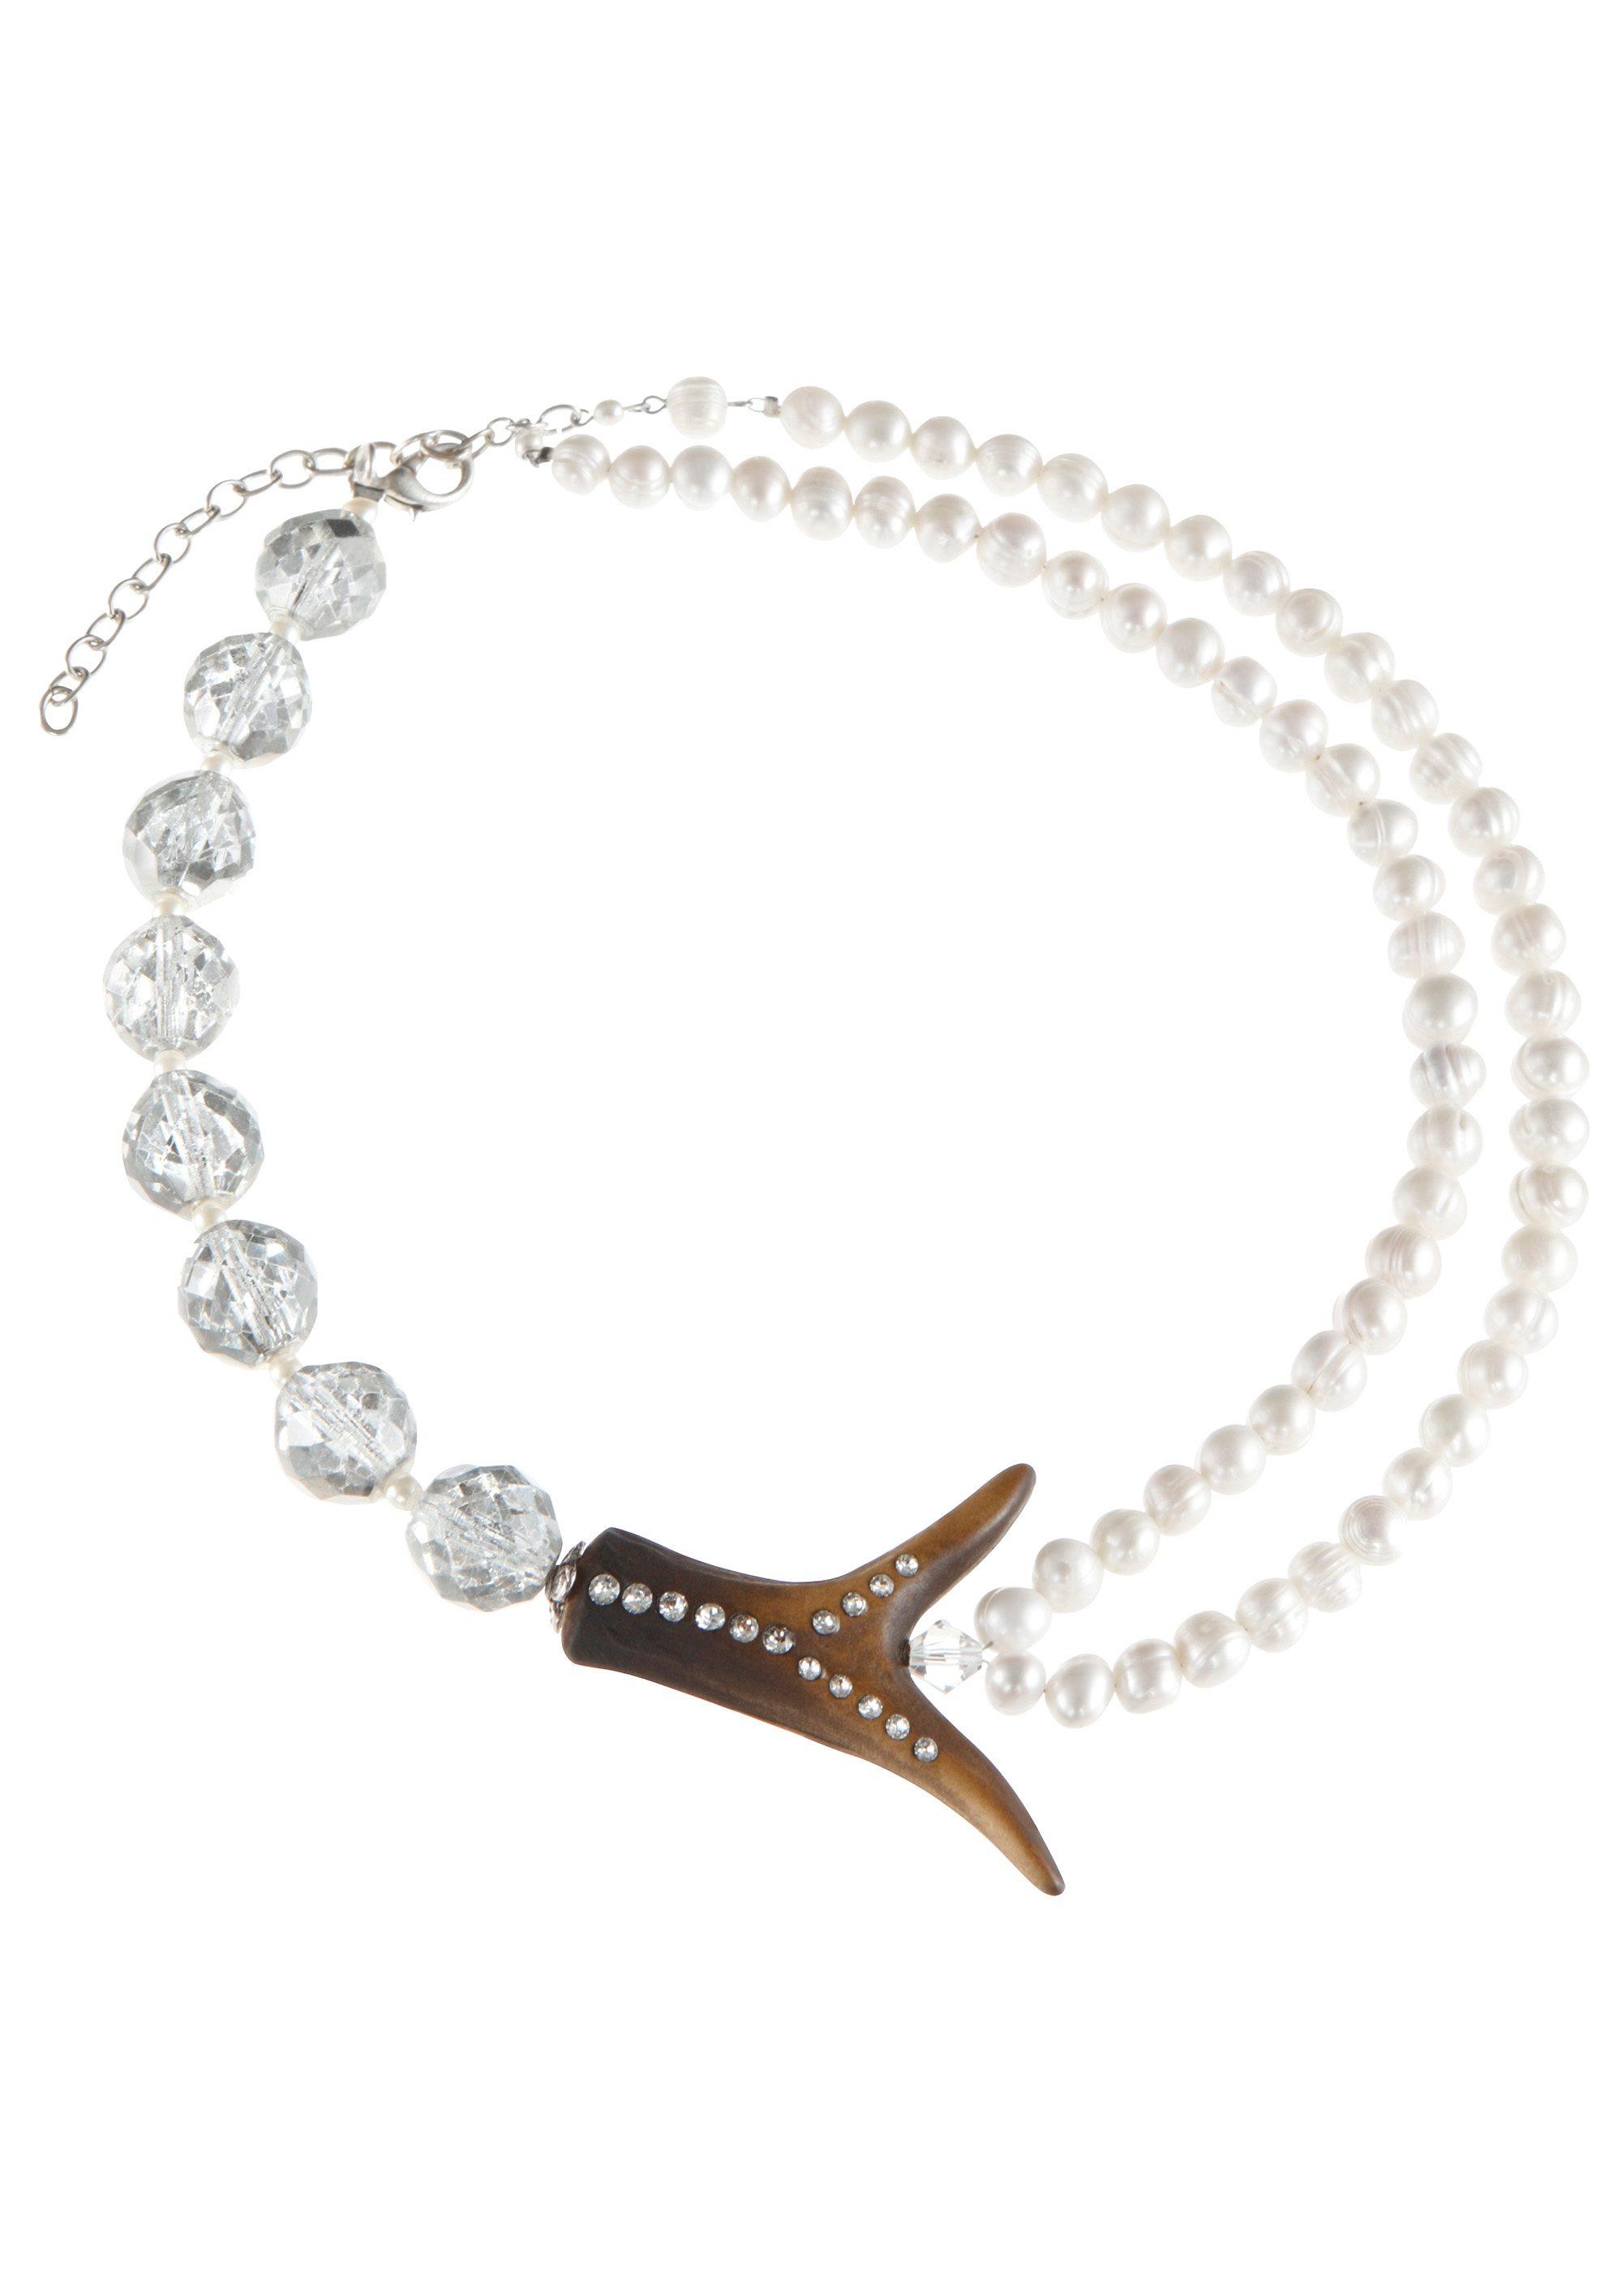 Trachten-Halskette mit Swarovski Steinchen